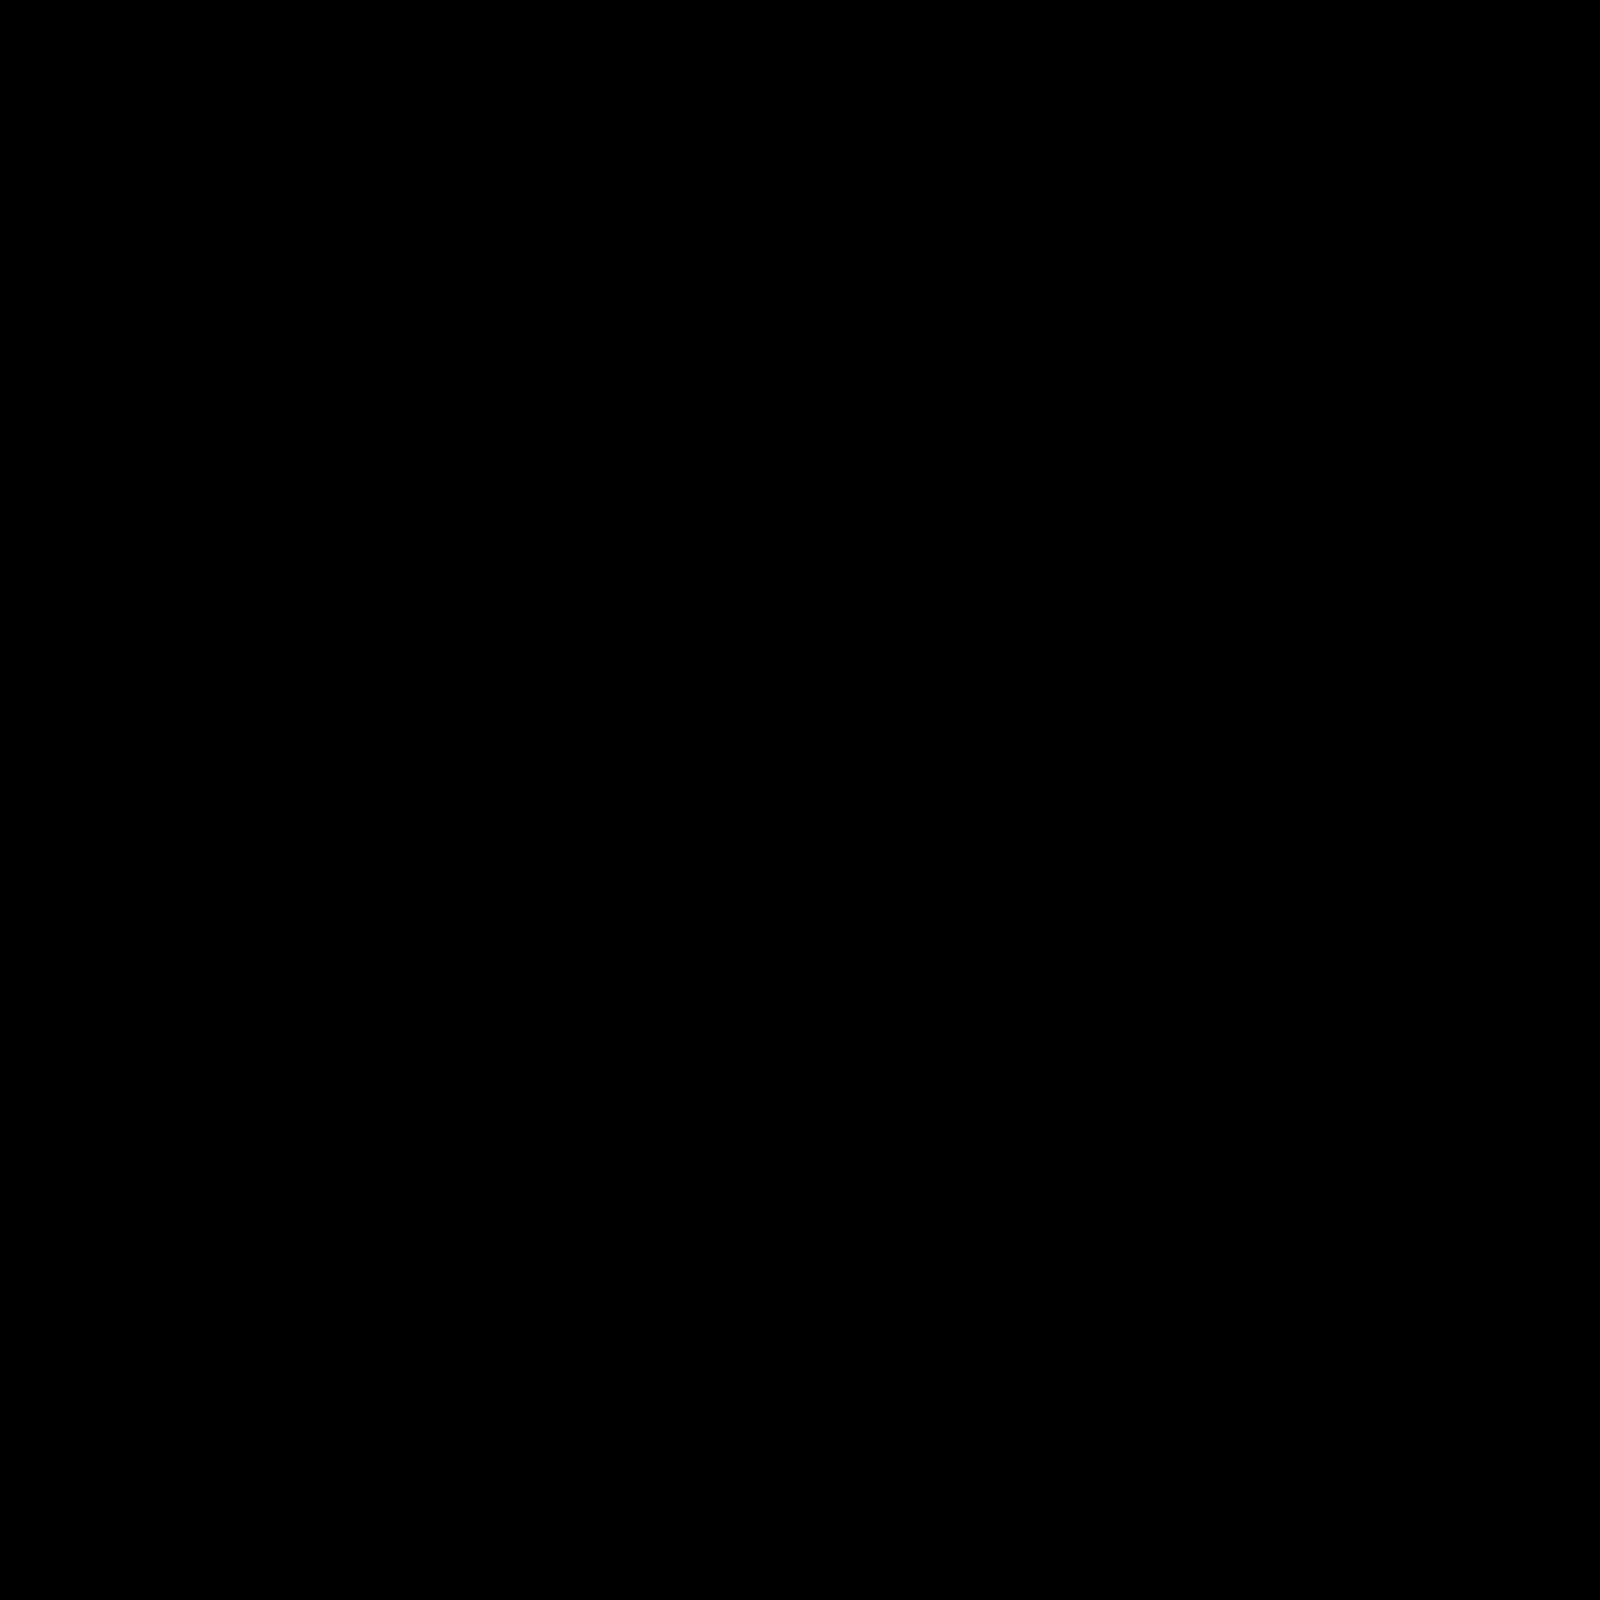 Asignación entregado icon